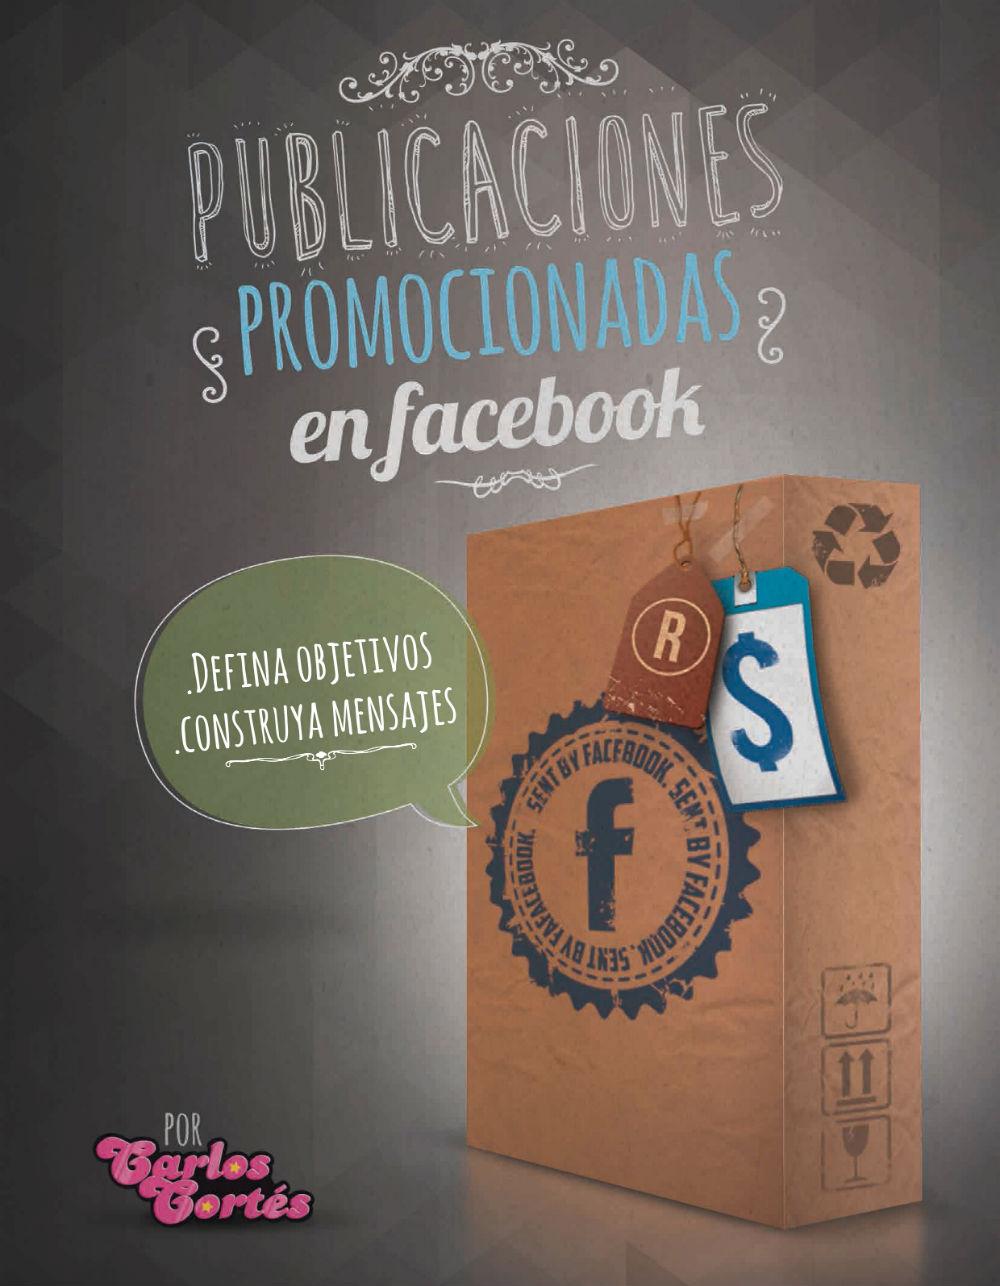 carlos-cortes-publicaciones-promocionadas-en-facebook1